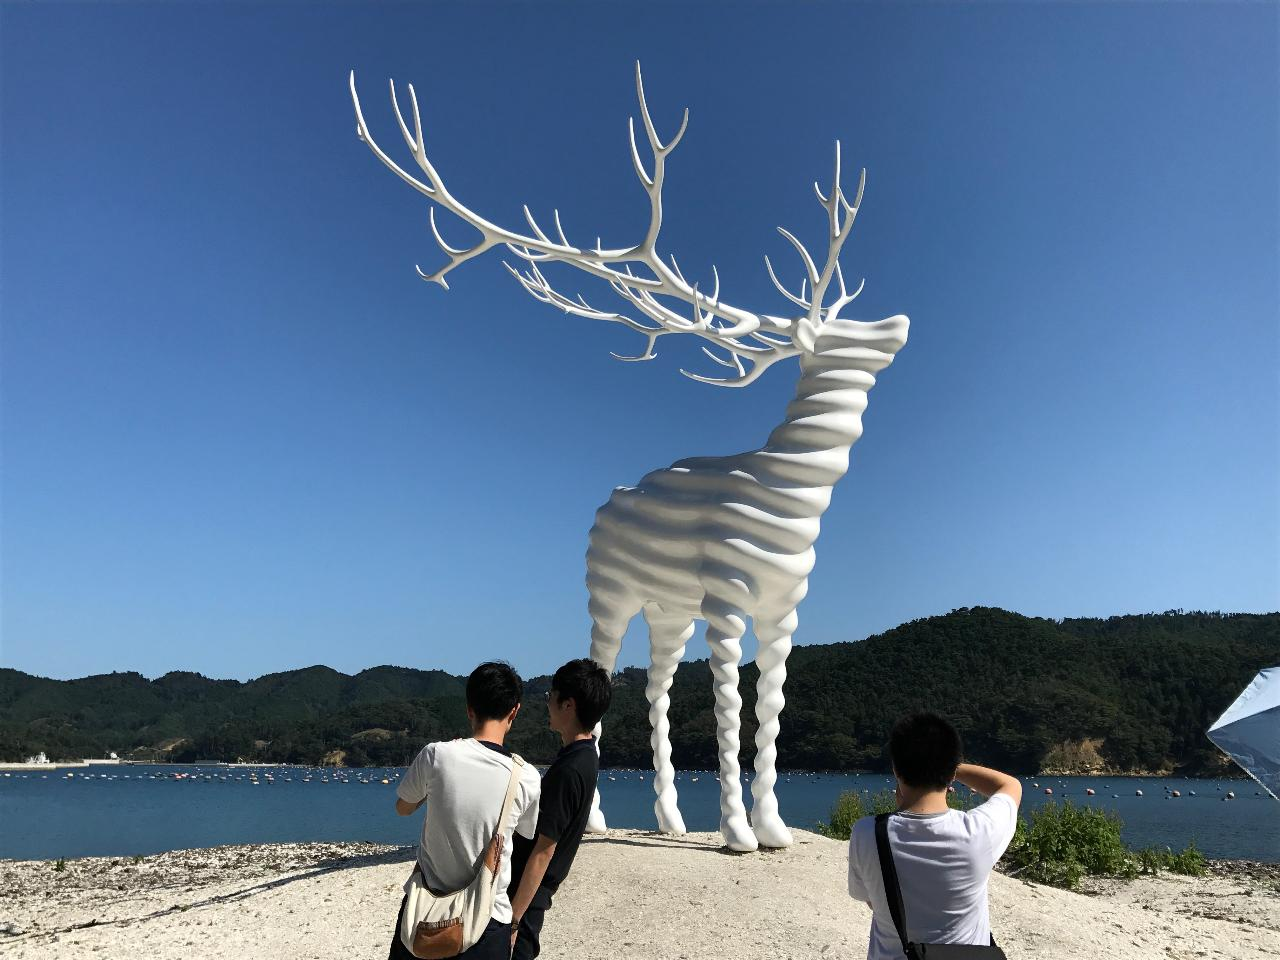 <8/9月期間限定>Reborn-Art Festival主要5エリアを巡る!魅力満載の牡鹿半島バスツアー